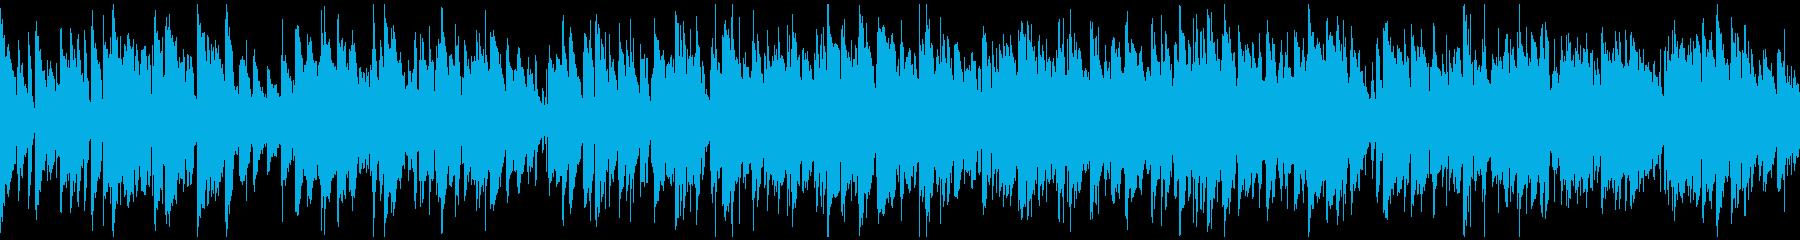 晴れやかで明るいジャズサックス※ループ版の再生済みの波形